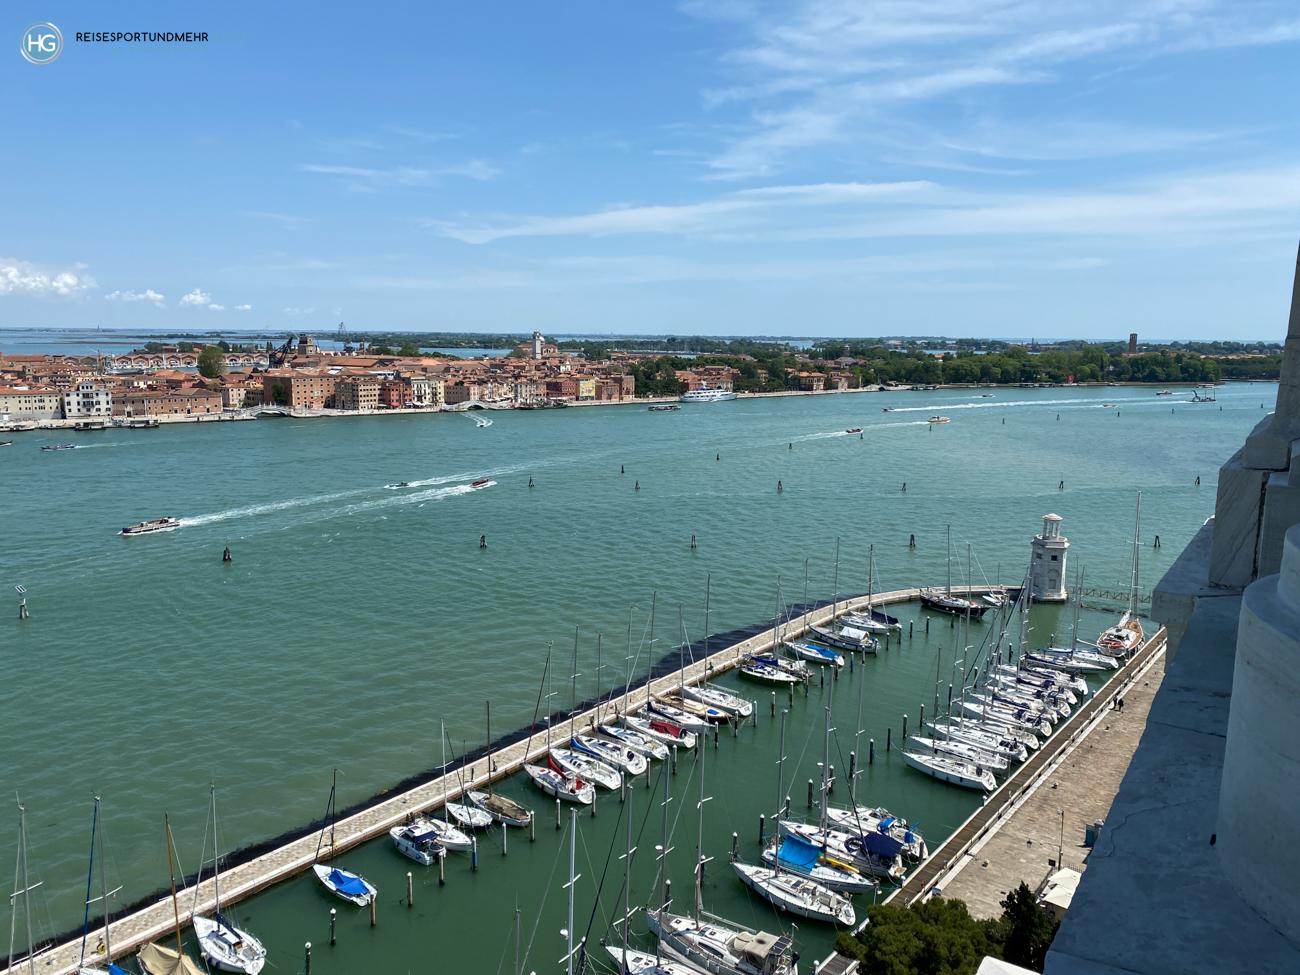 Venedig Pfingsten 2021 - wunderbare Aussicht vom Glockenturm San Giorgio Richtung Arsenale und Giardini (Foto: Hanns Gröner)